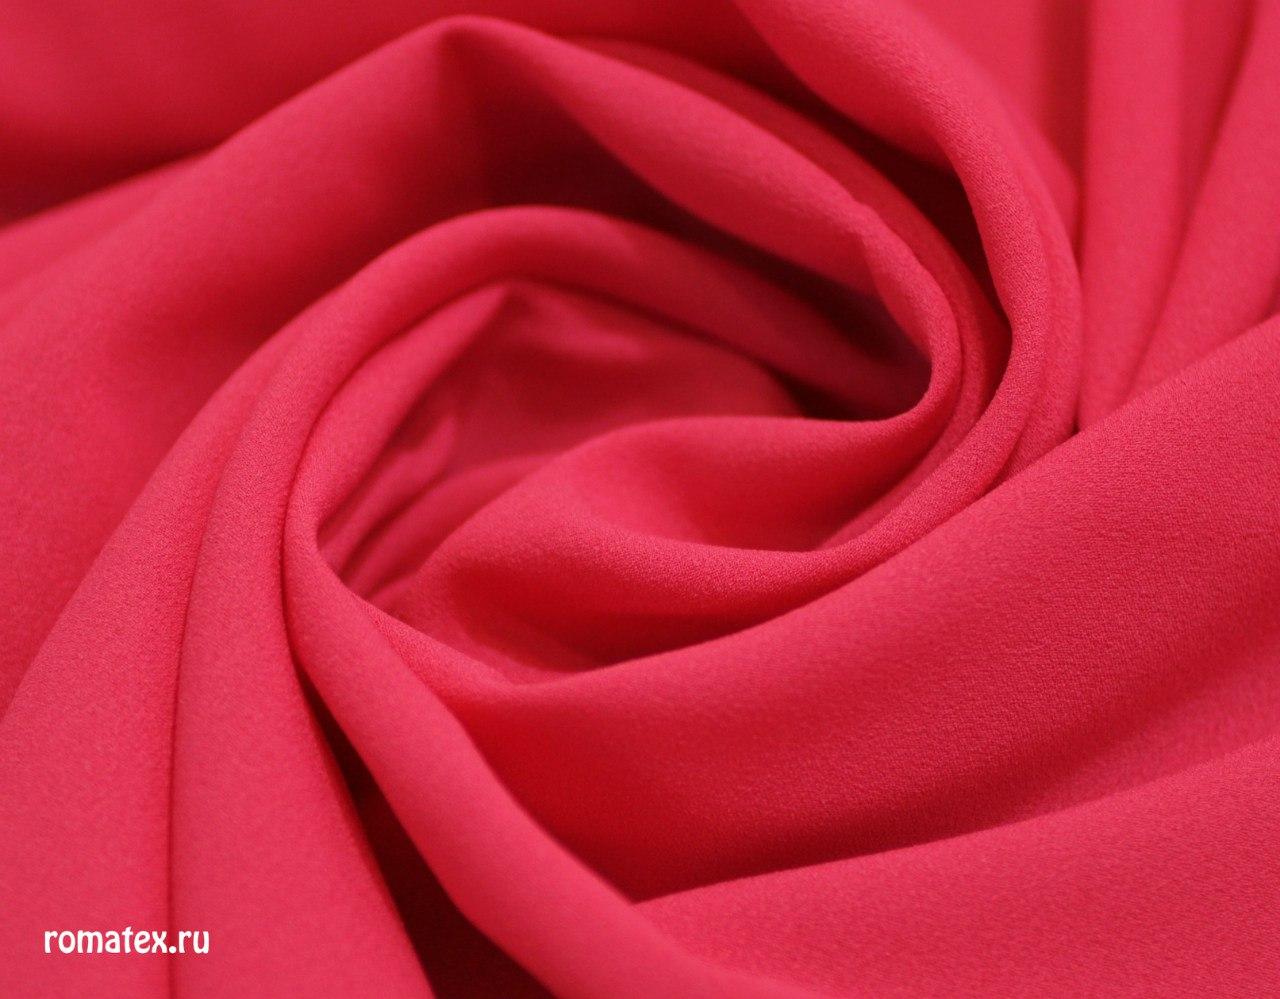 Ткань креп-шифон цвет красно-коралловый